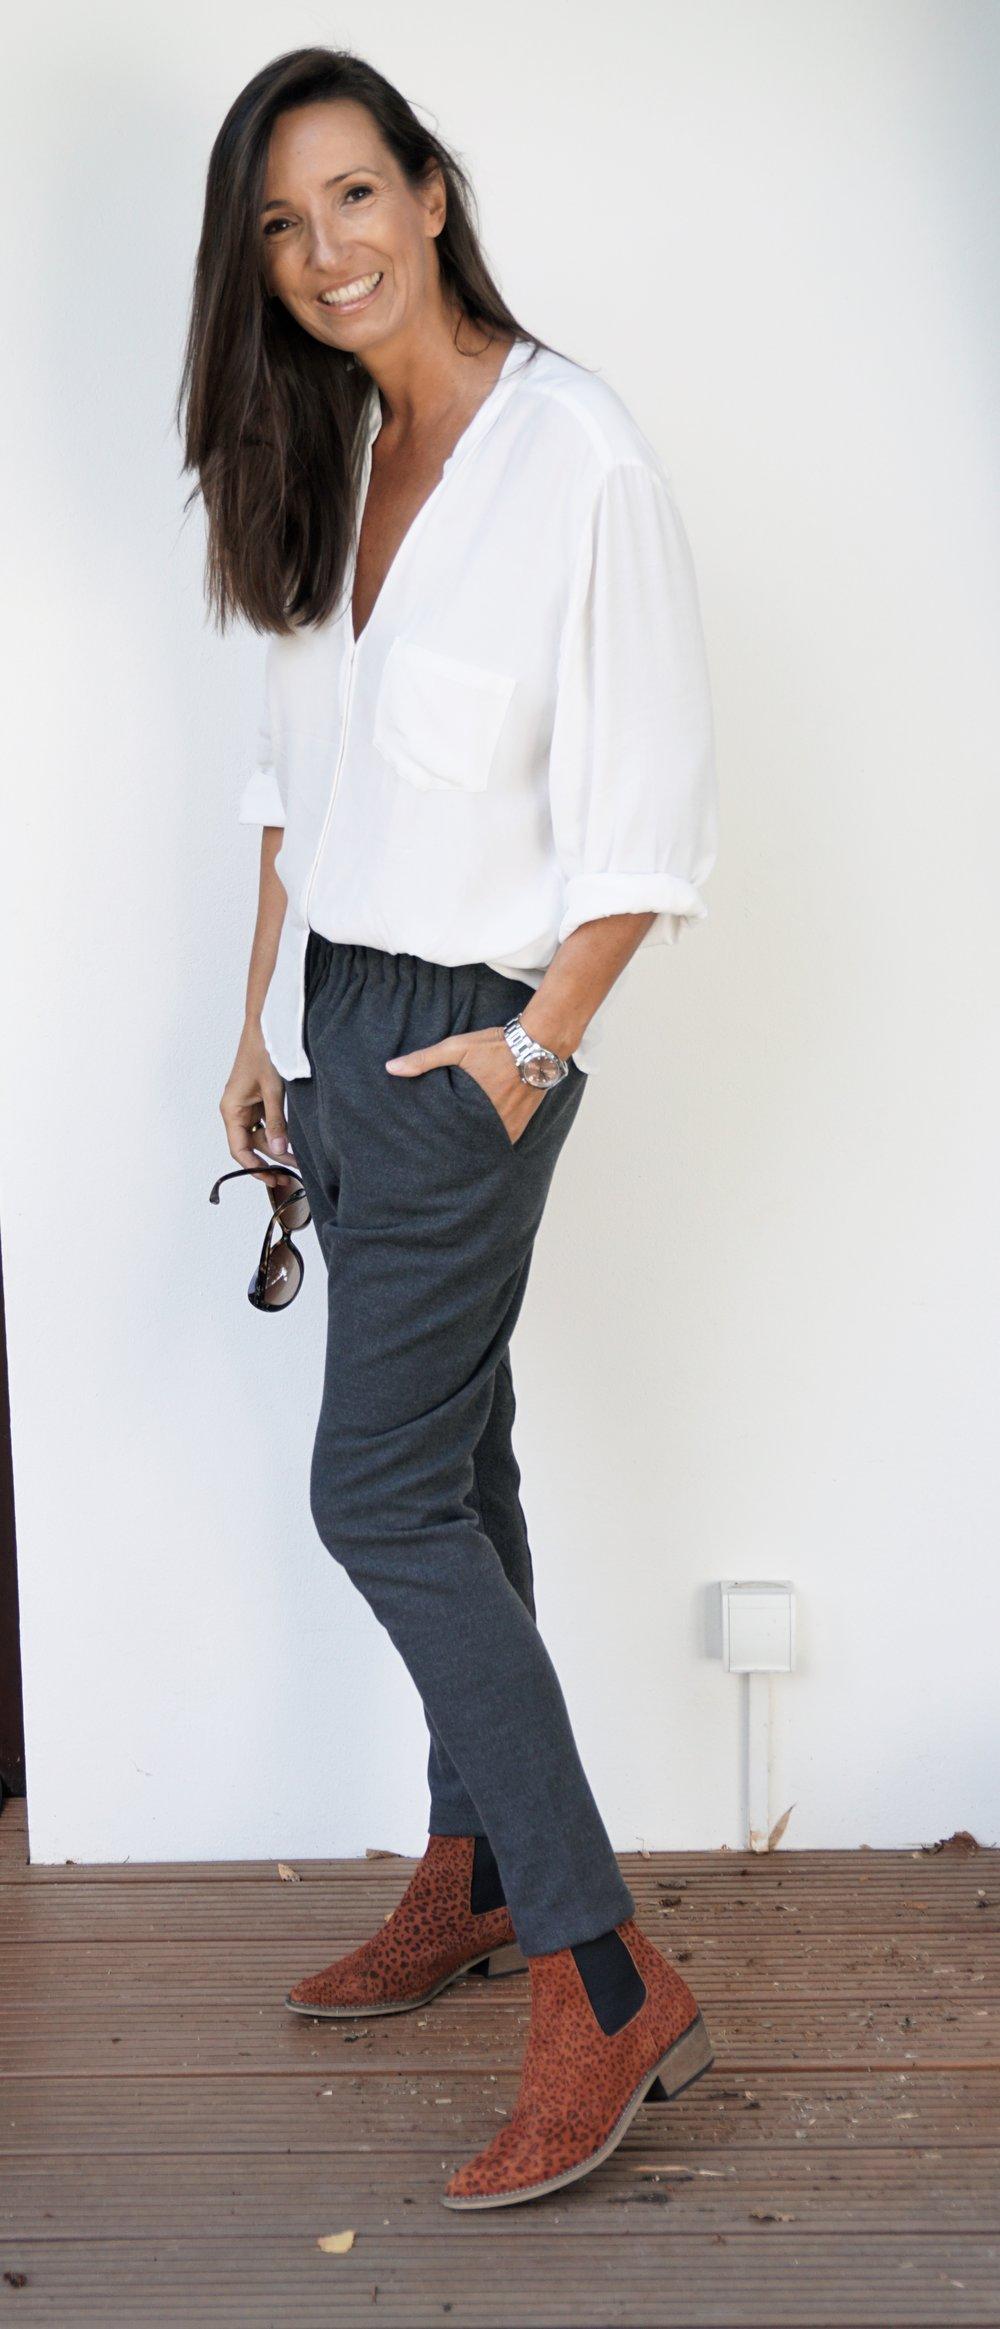 Bluse und Hose von Rabens, Schuhe von Ivylee.